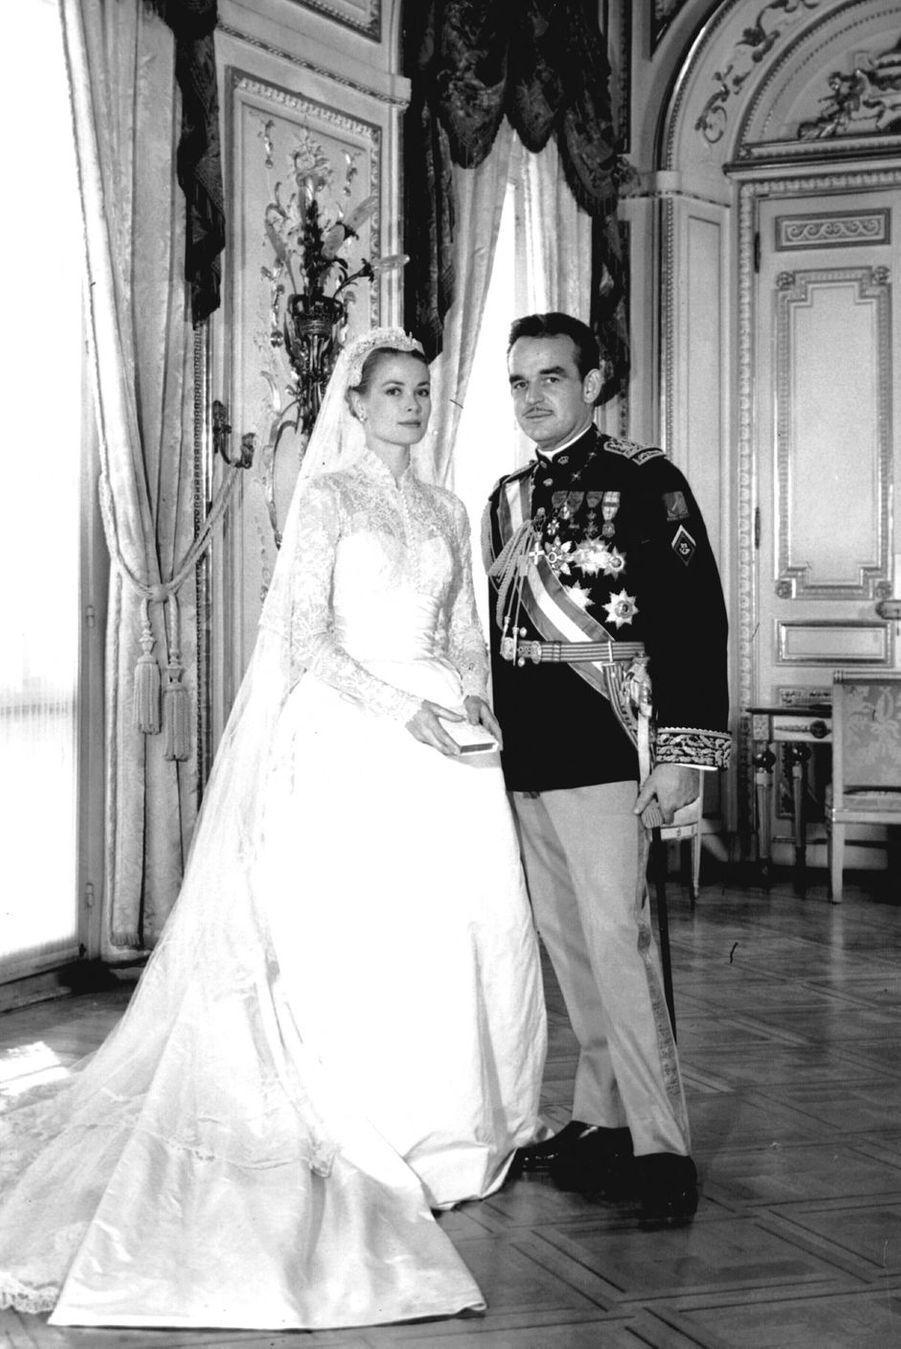 Grace Kelly et le prince Rainier III de Monaco, le 19 avril 1956, jour de leur mariage religieux